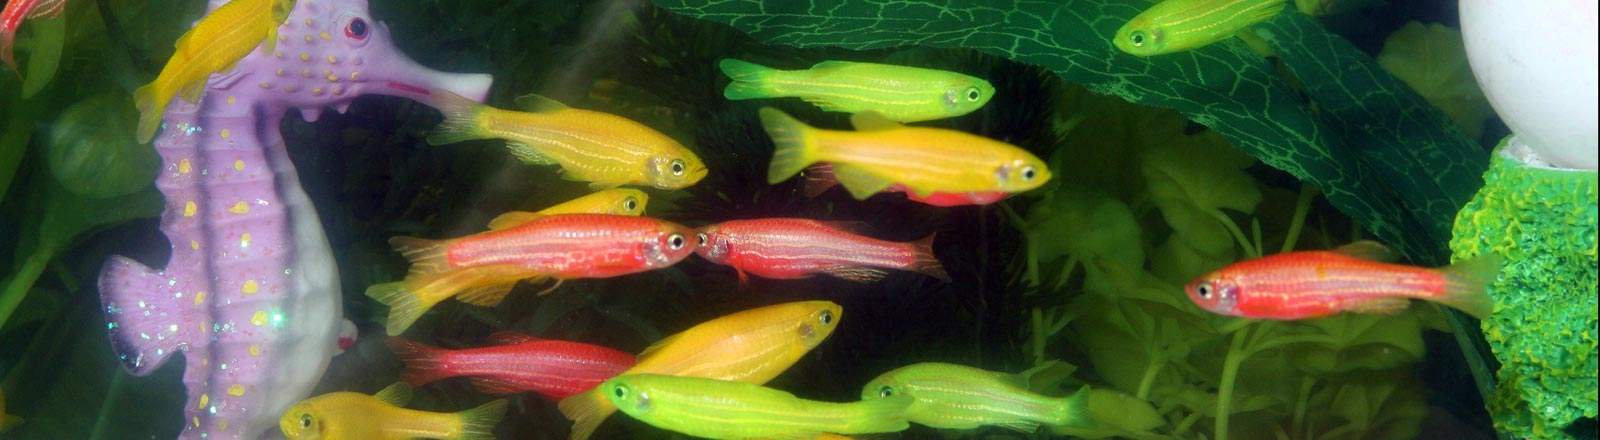 Leuchtfische in einem Aquarium.